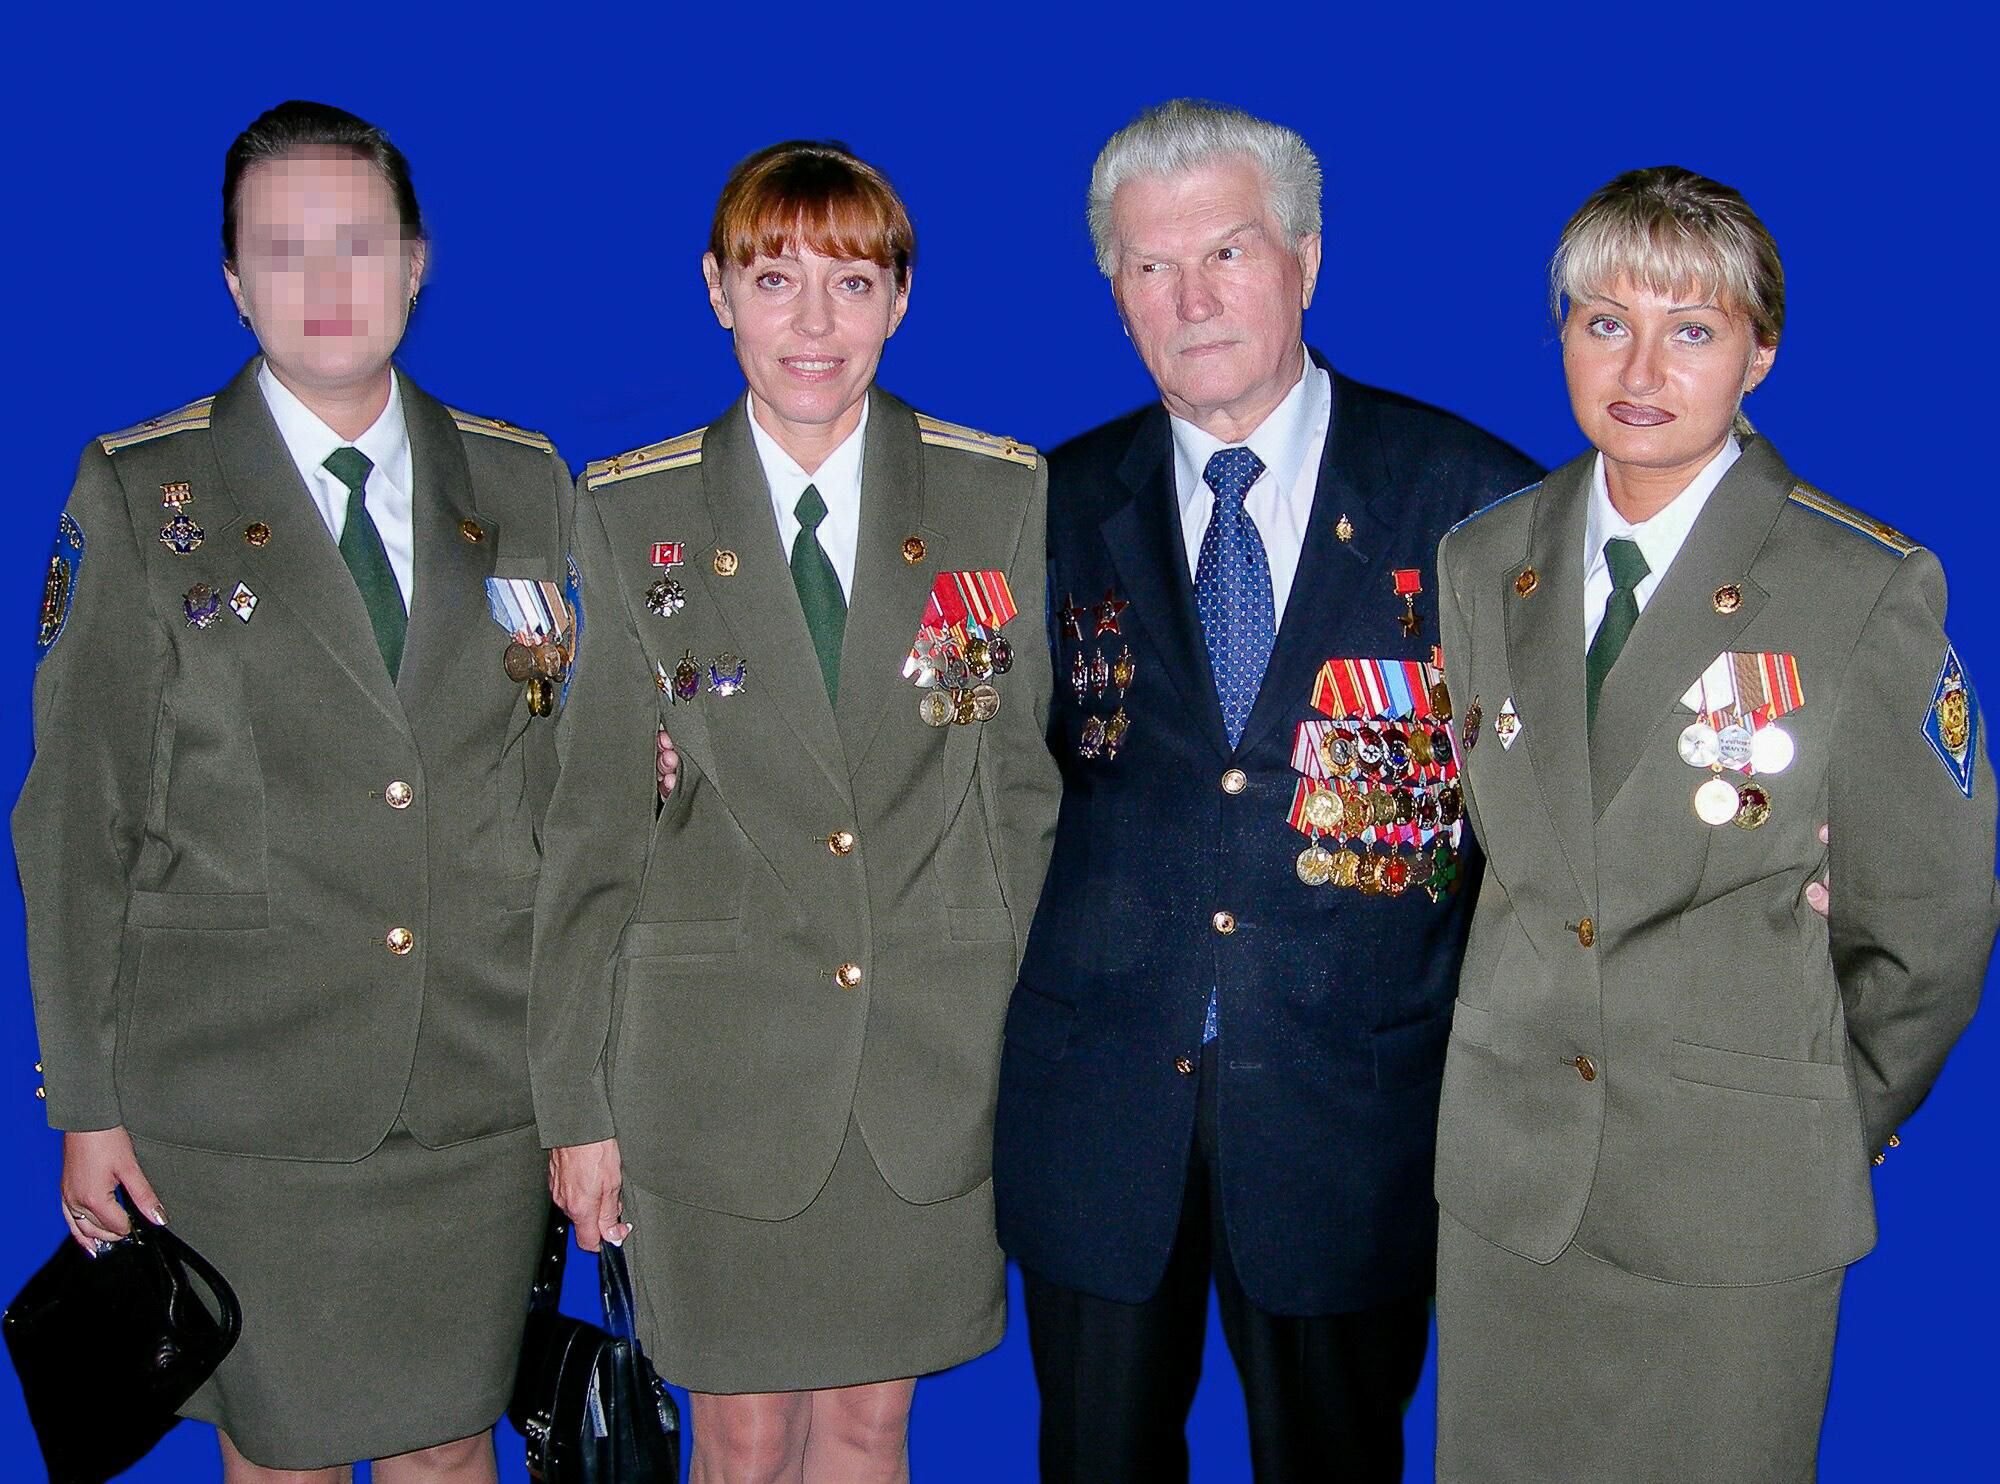 Герой Советского Союза генерал Геннадий Зайцев ссотрудницами Управления «А» Центра специального назначения ФСБ России